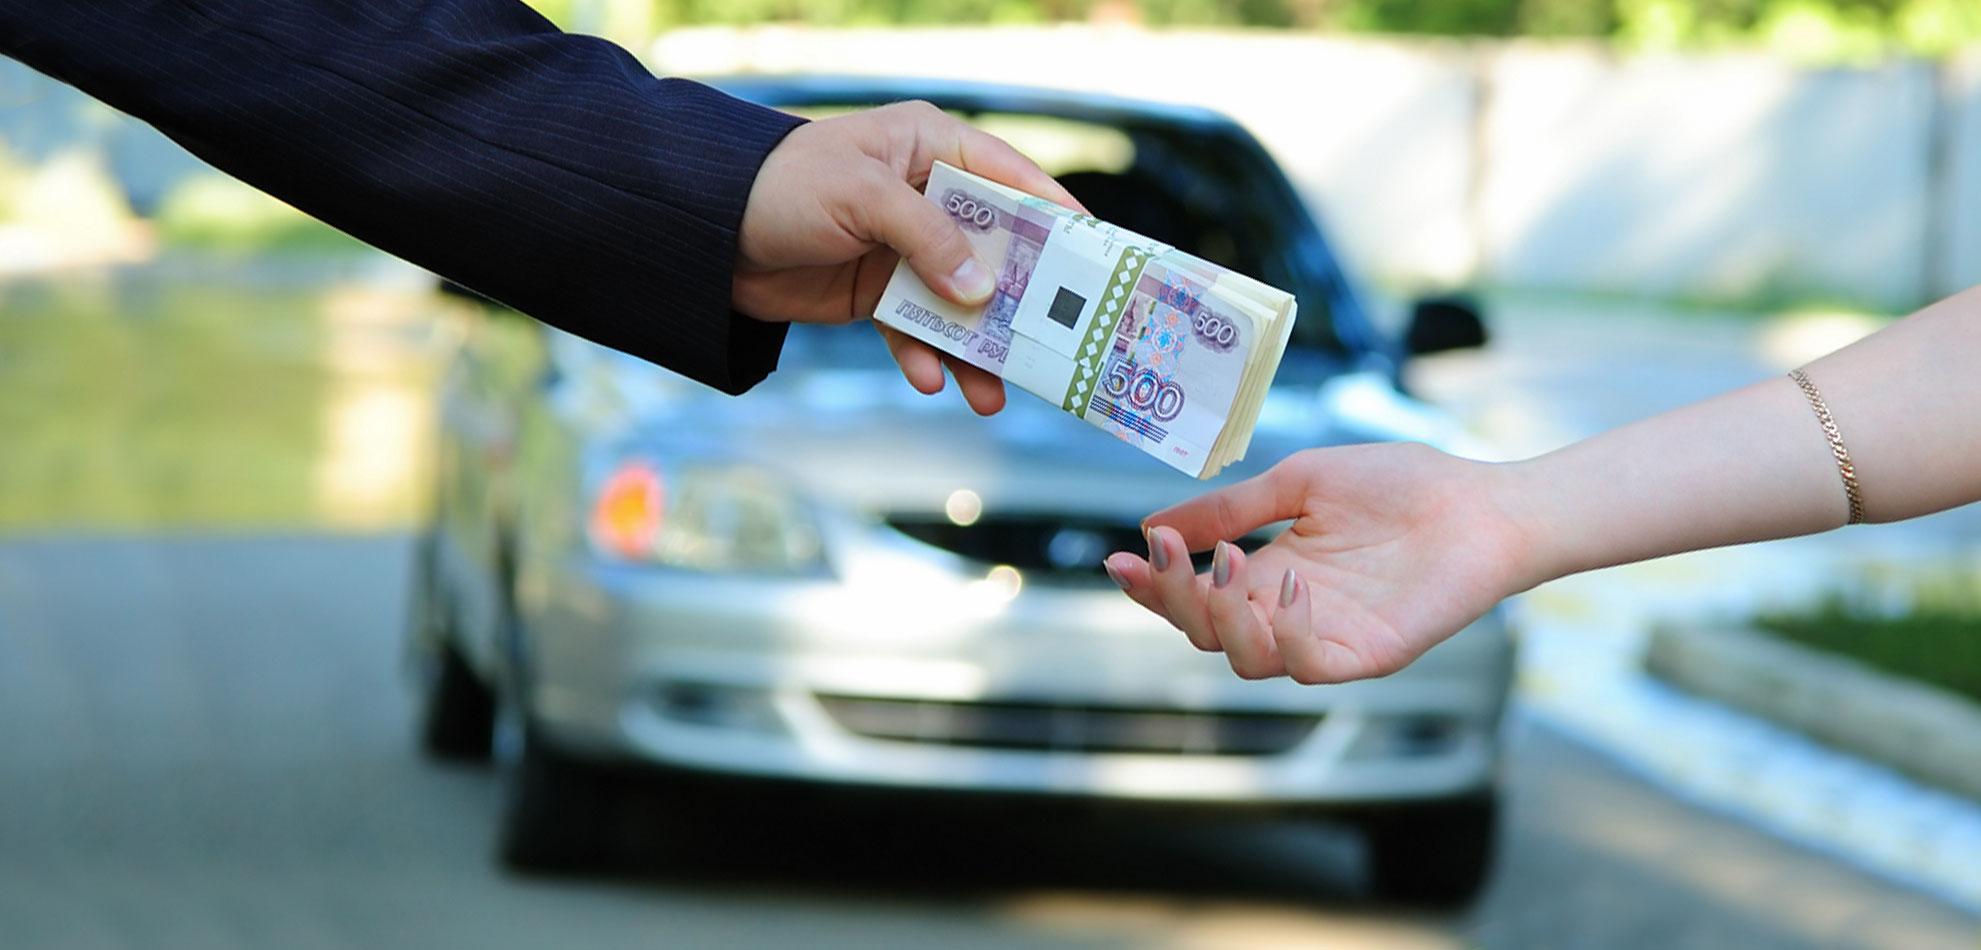 Правильный выбор МФО для займа на ремонт автомобиля